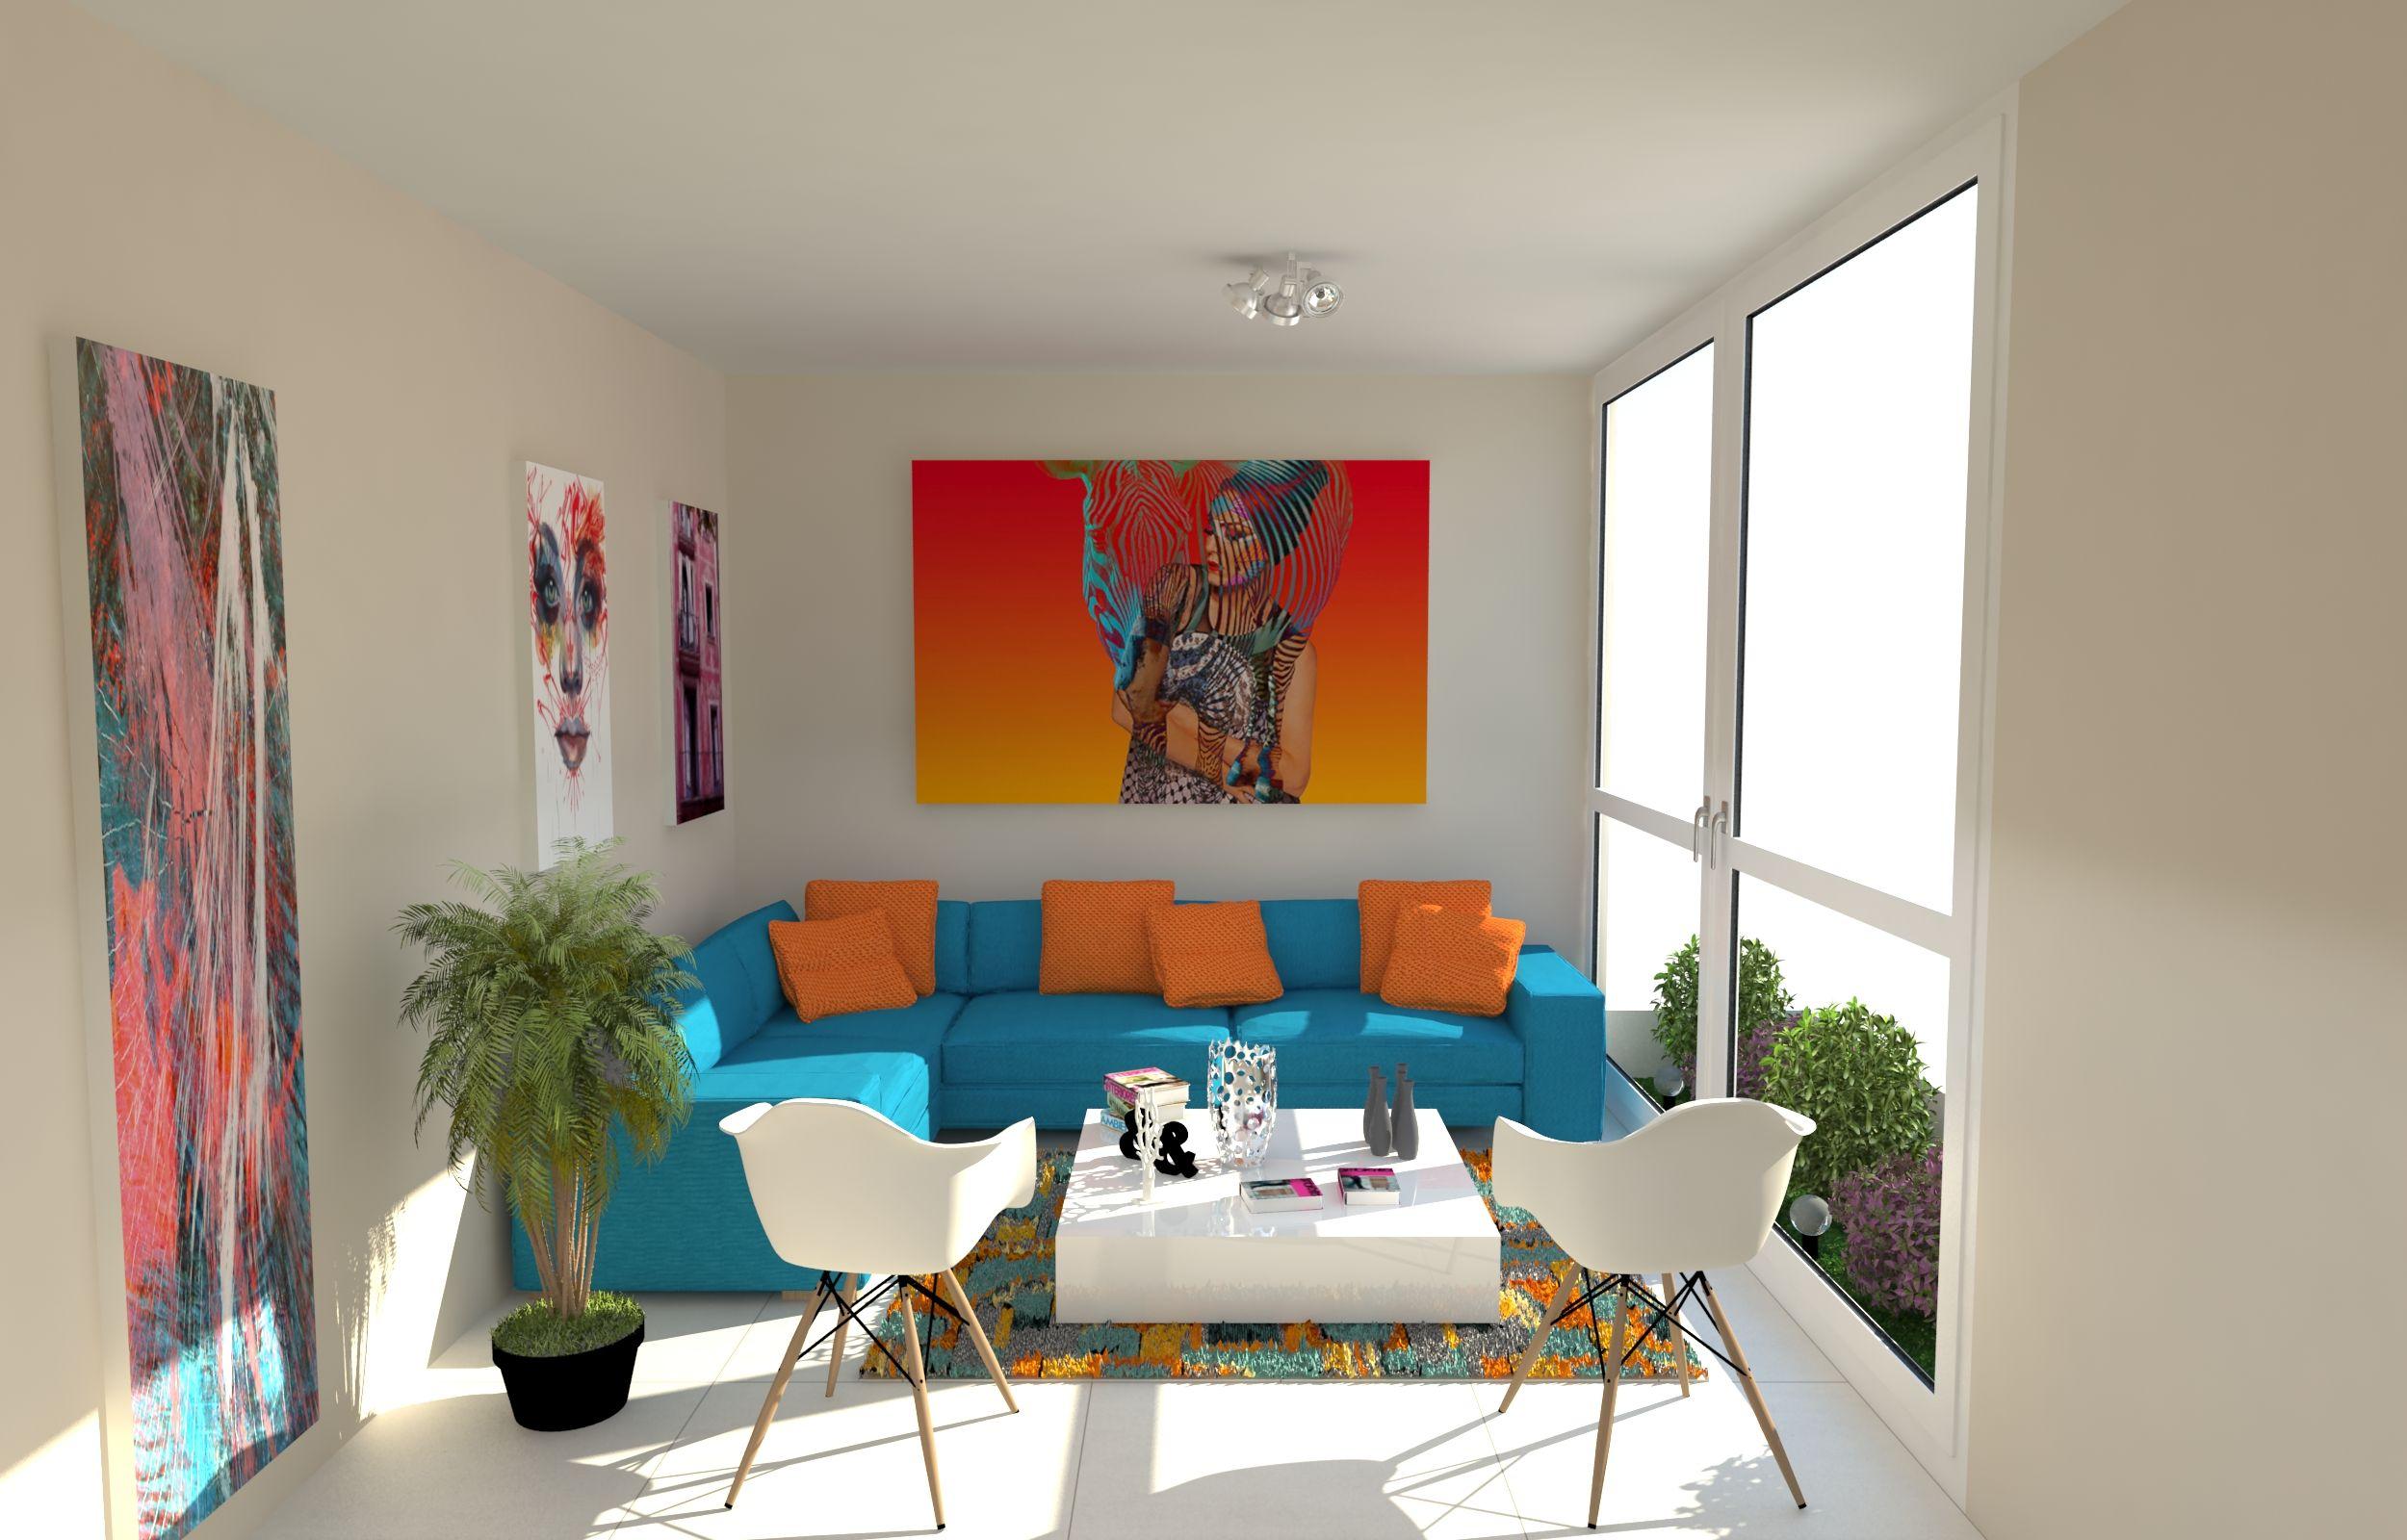 Interiors Designer living room list of things House Designer